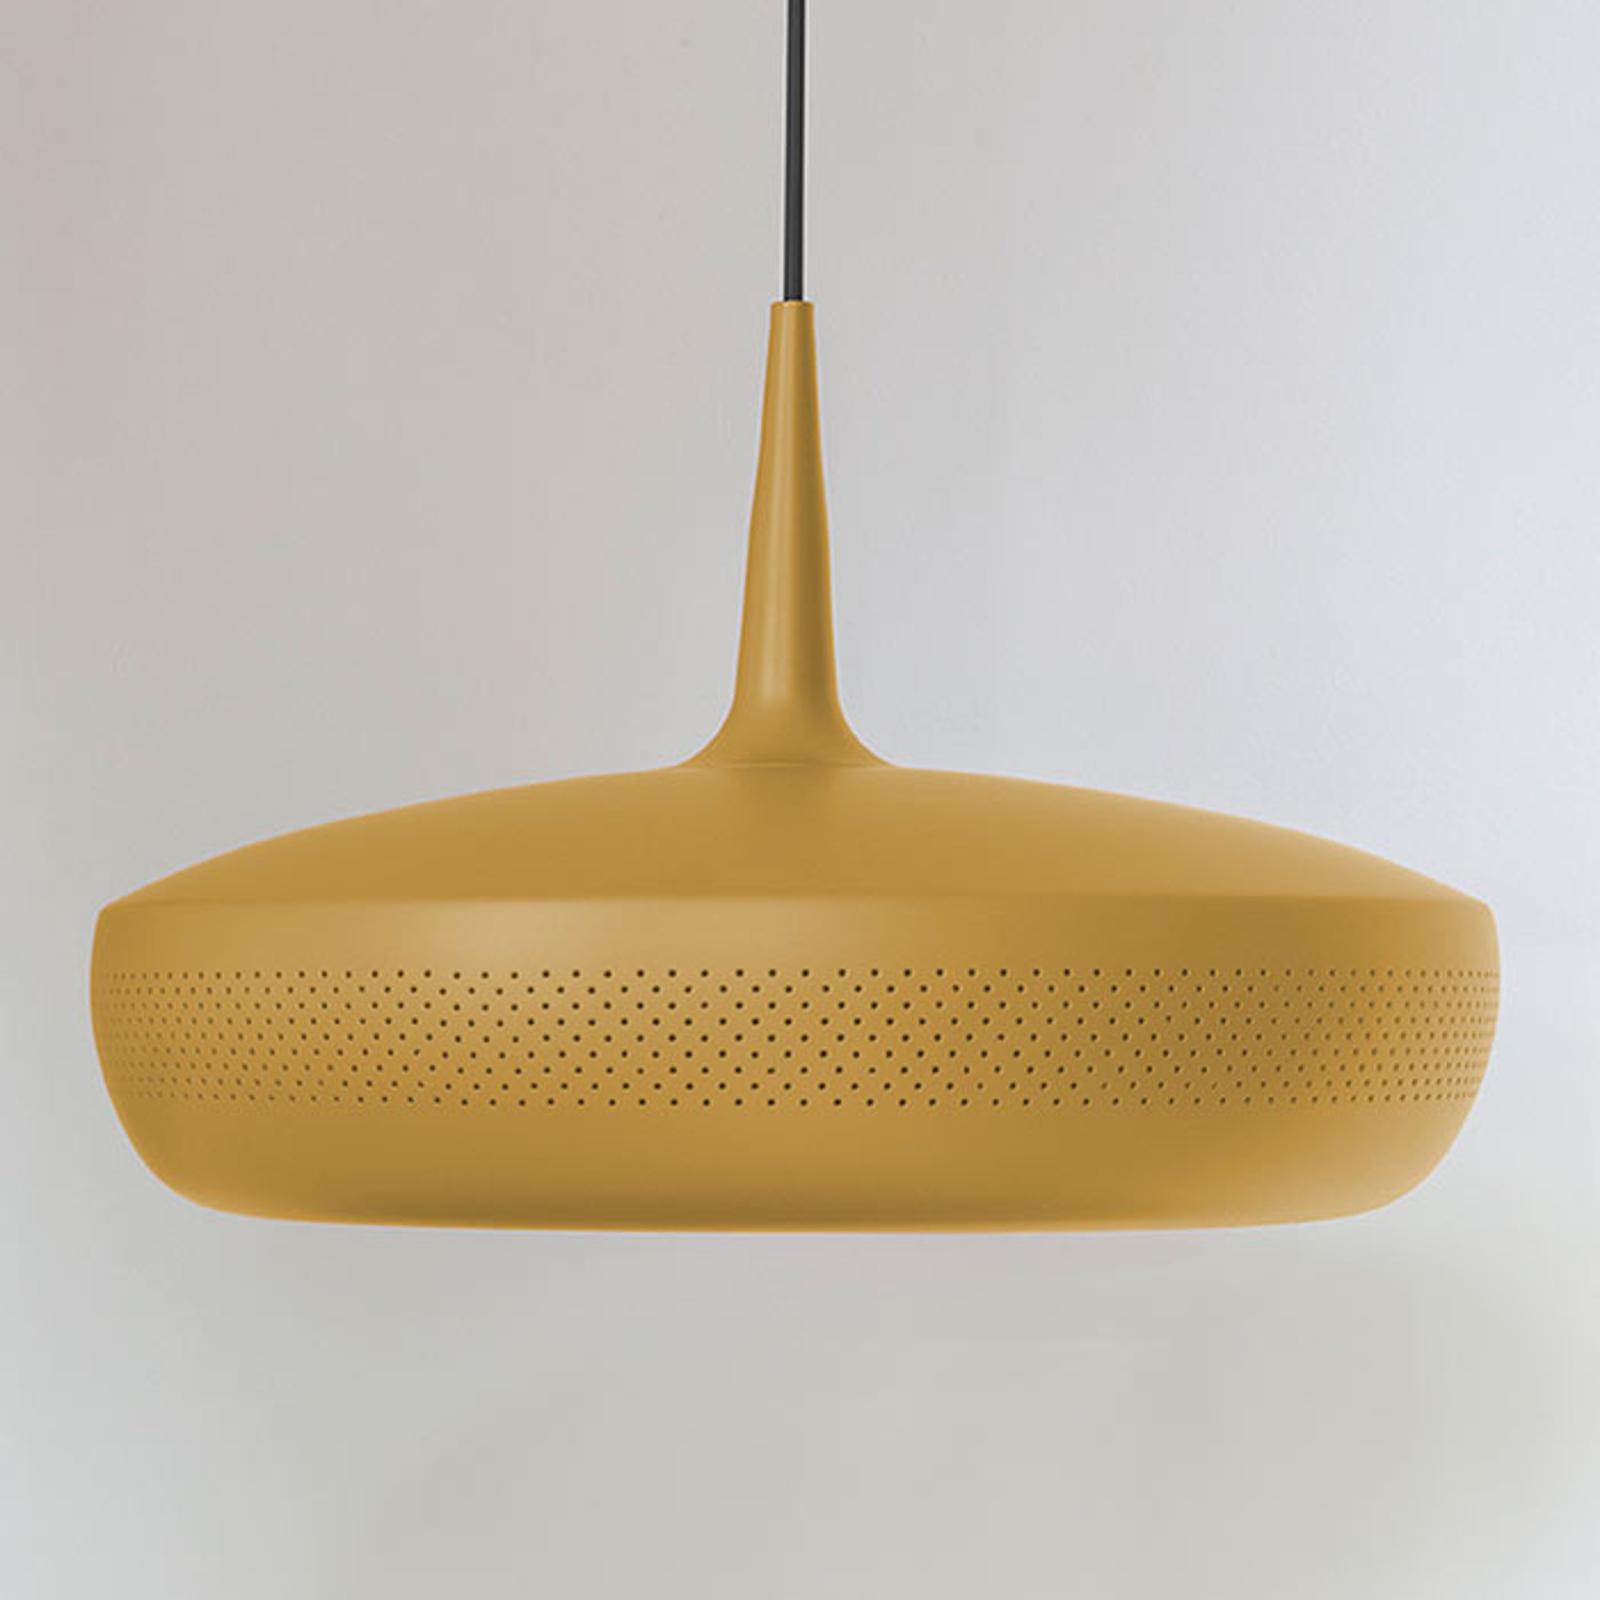 UMAGE Clava Dine lampa wisząca w kolorze żółtym